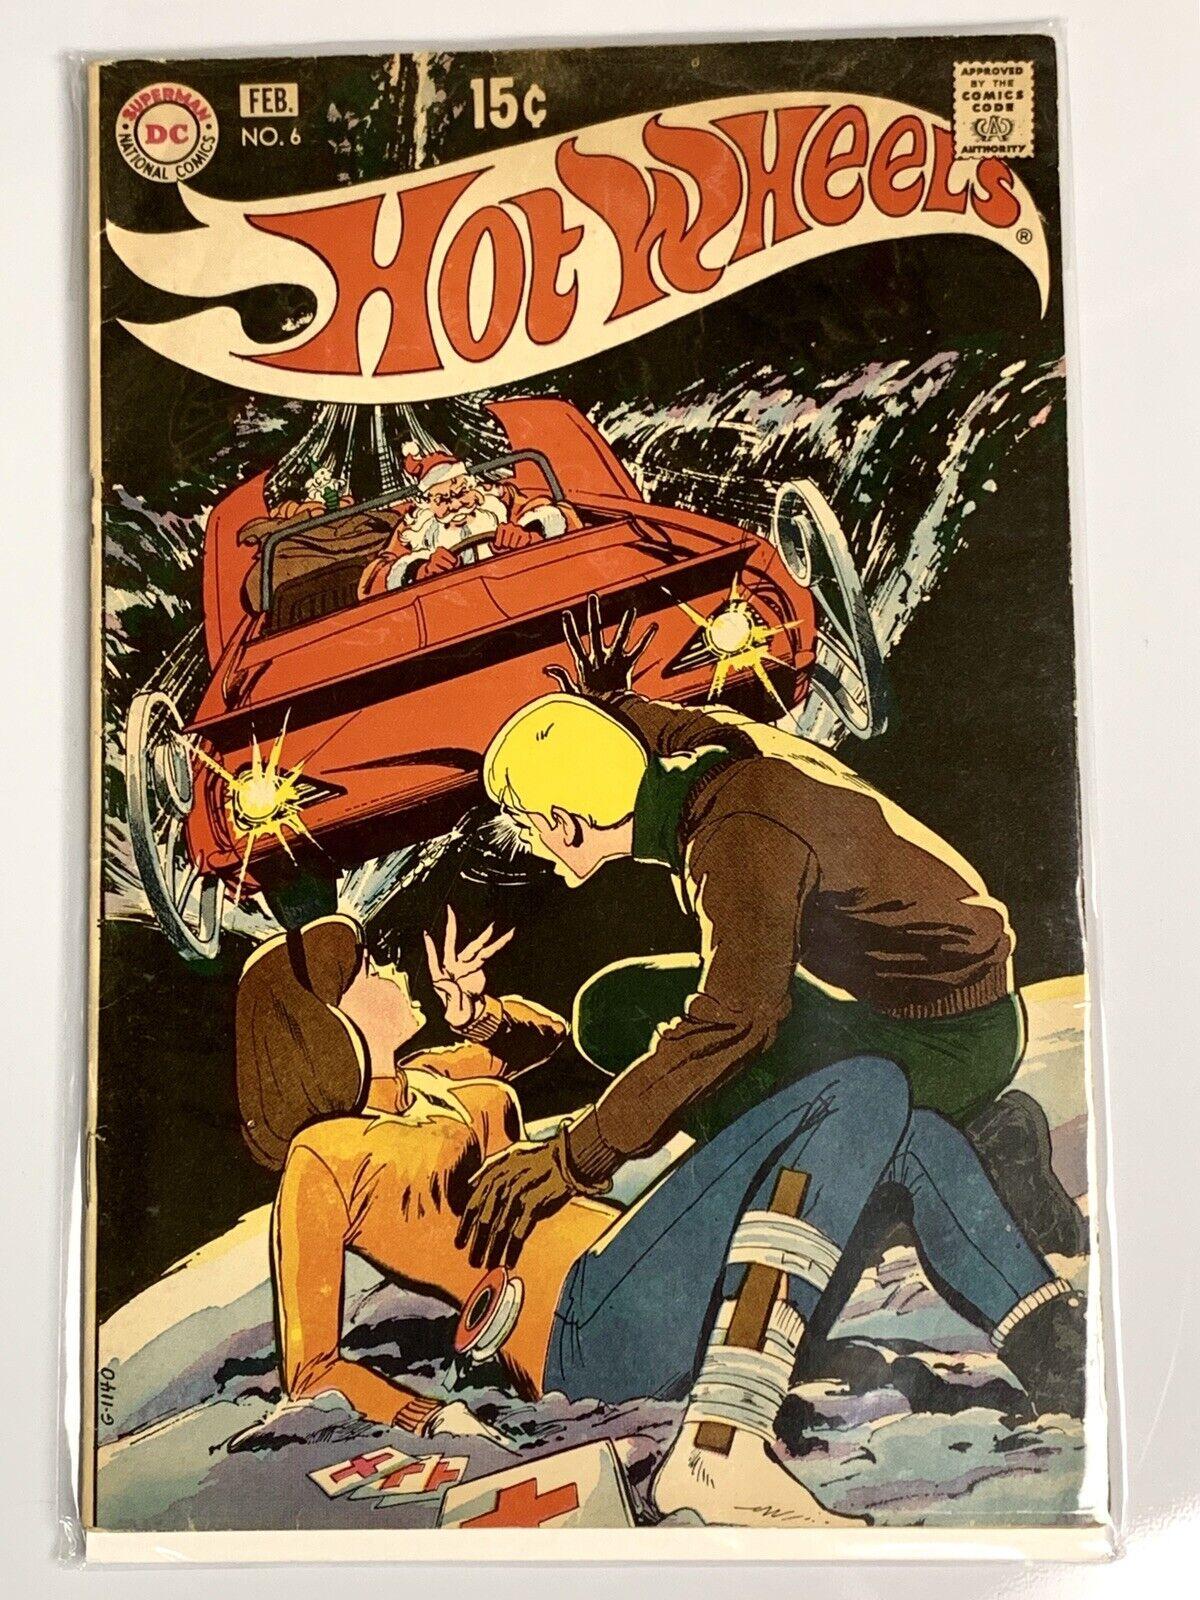 el estilo clásico Hot Wheels rojoline 1970 COMIC COMIC COMIC BOOK Nº 6 DC Comics Cubierta De Santa  distribución global